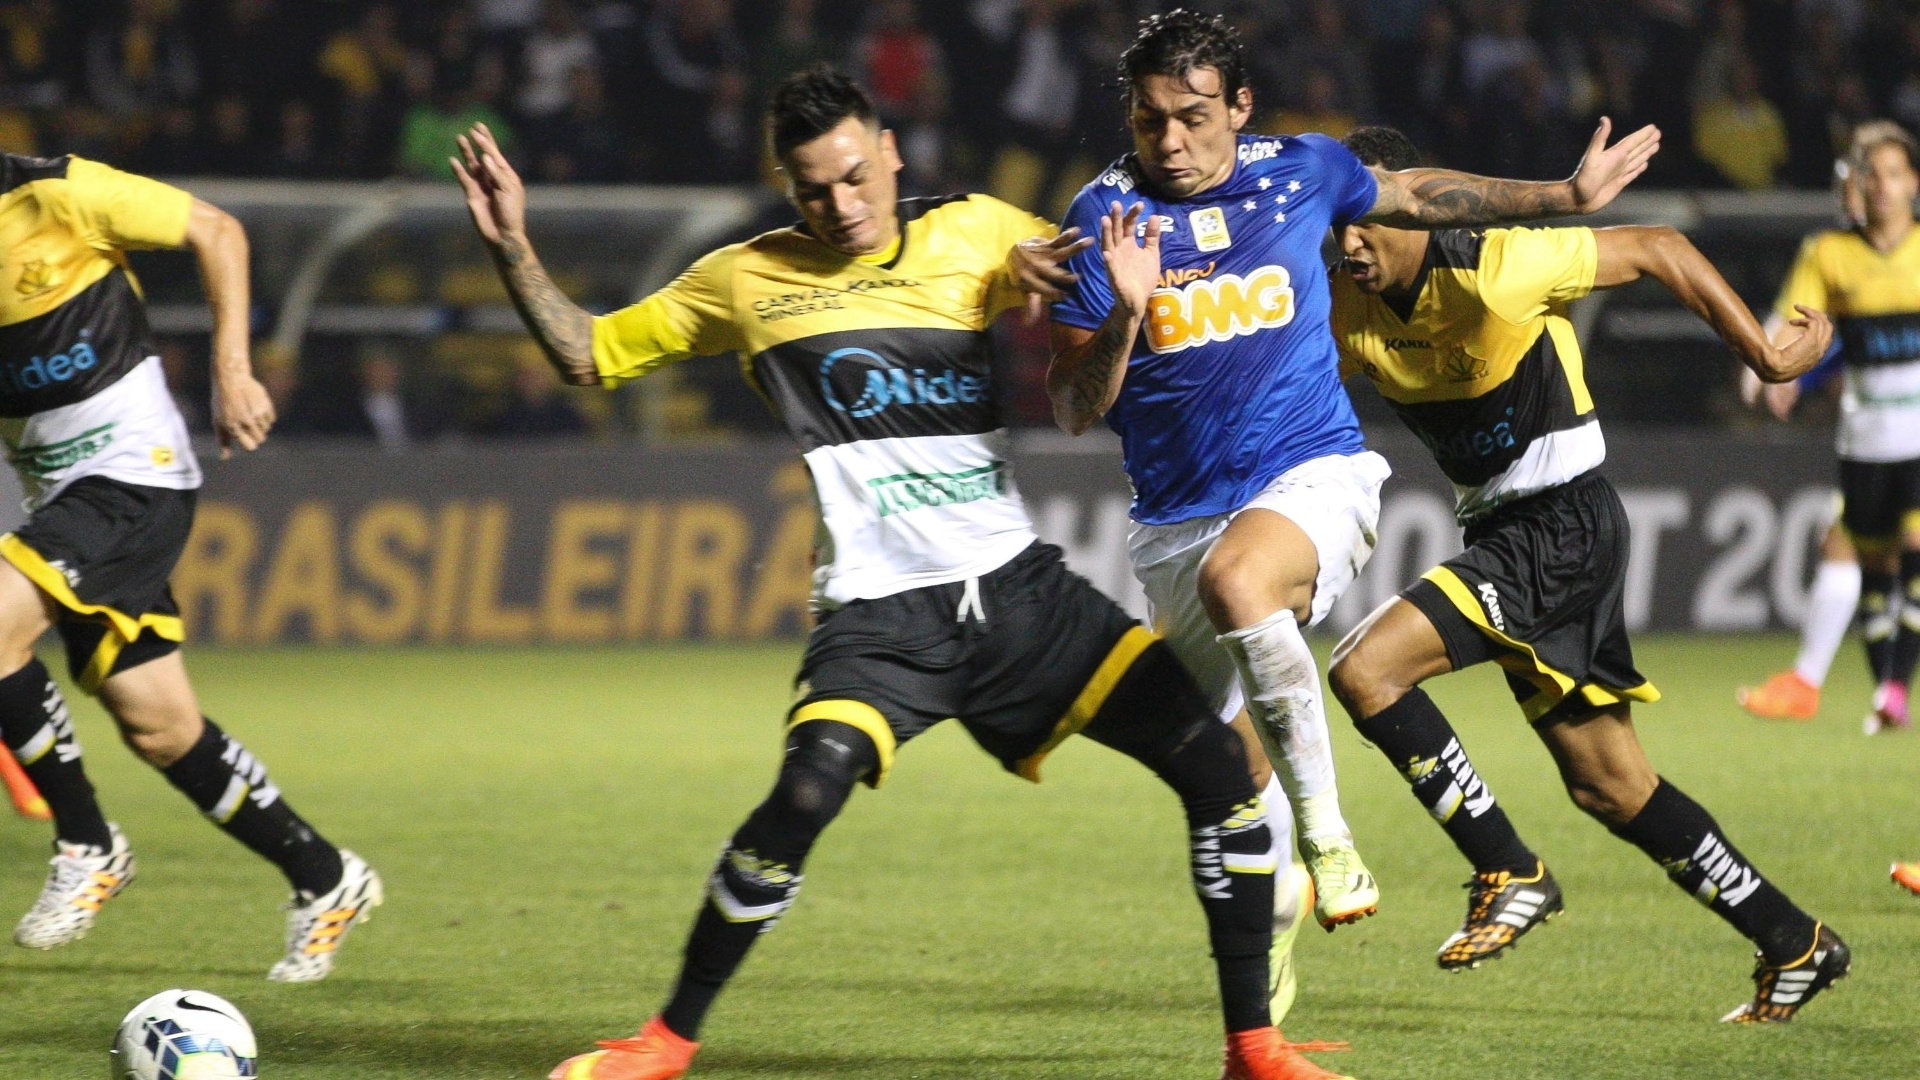 Fabio Ferreira, defensor do Criciúma, chega duro em Ricardo Goulart, atacante do Cruzeiro